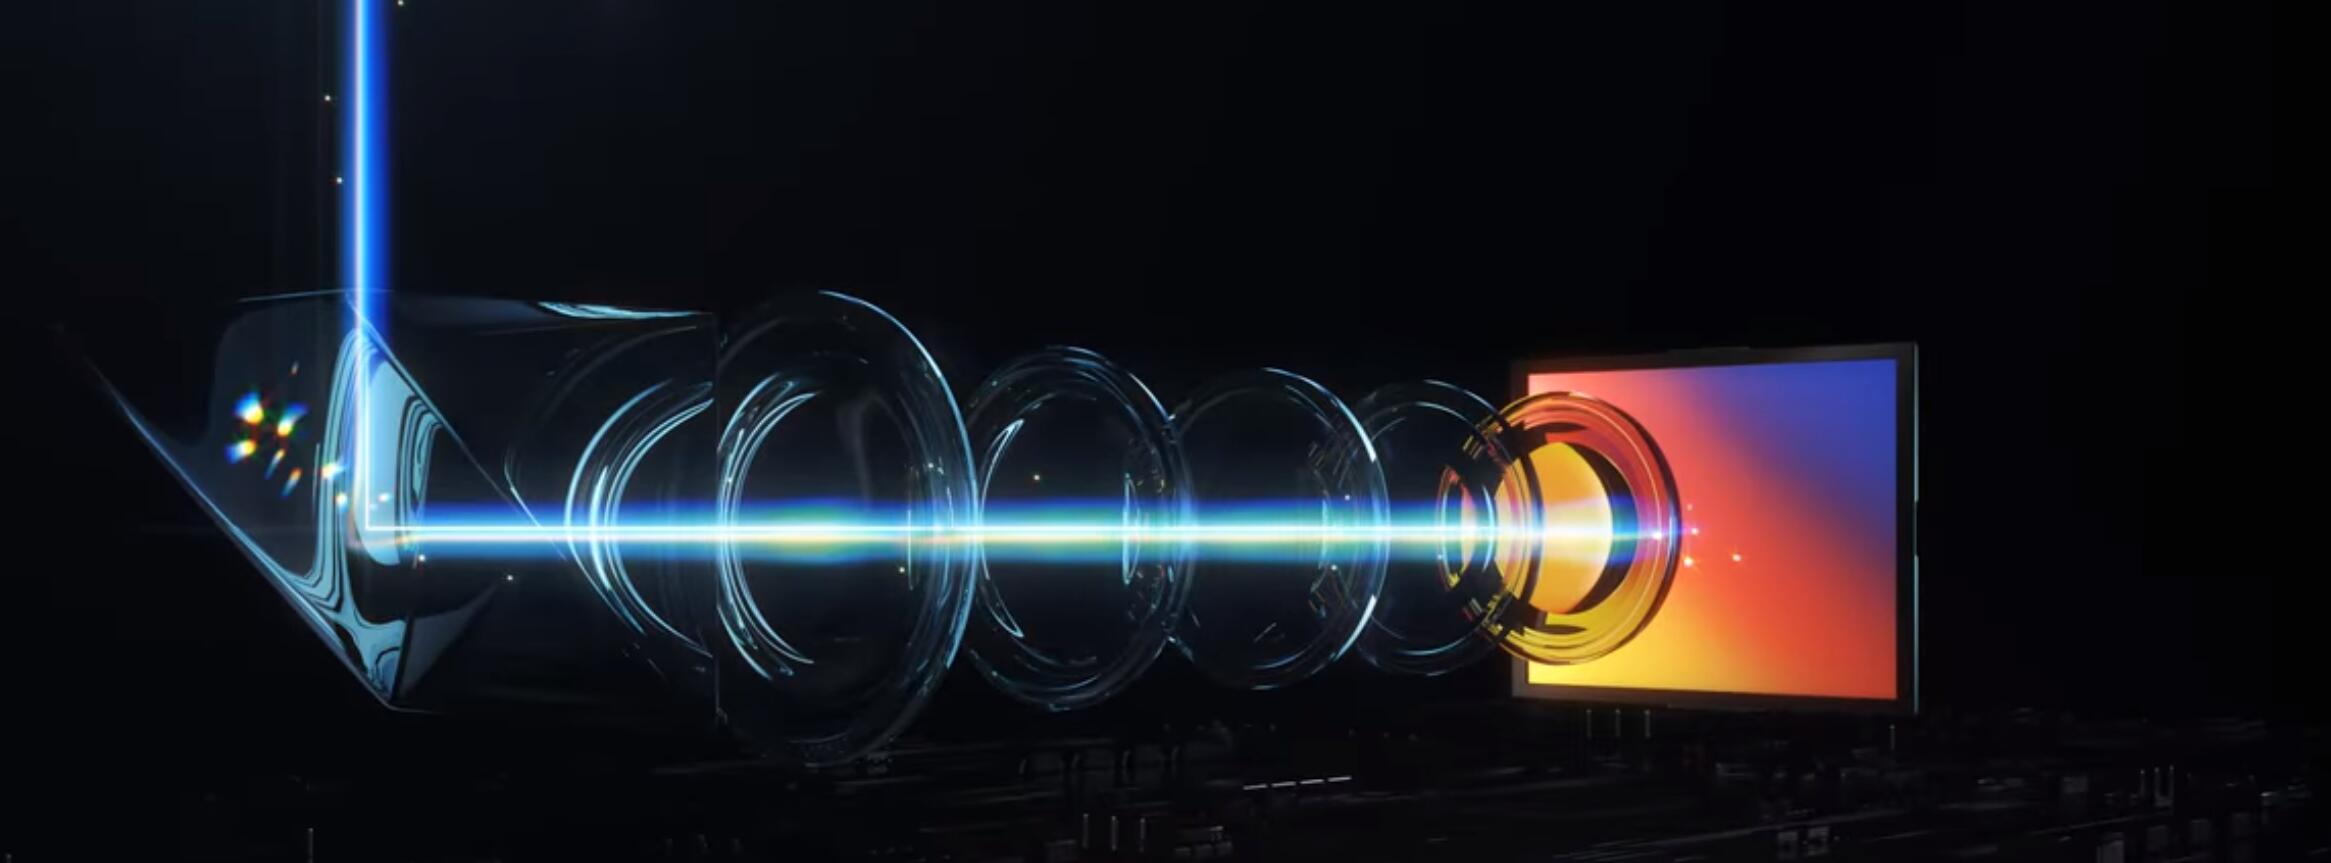 Huawei-P40-Pro-23.jpg